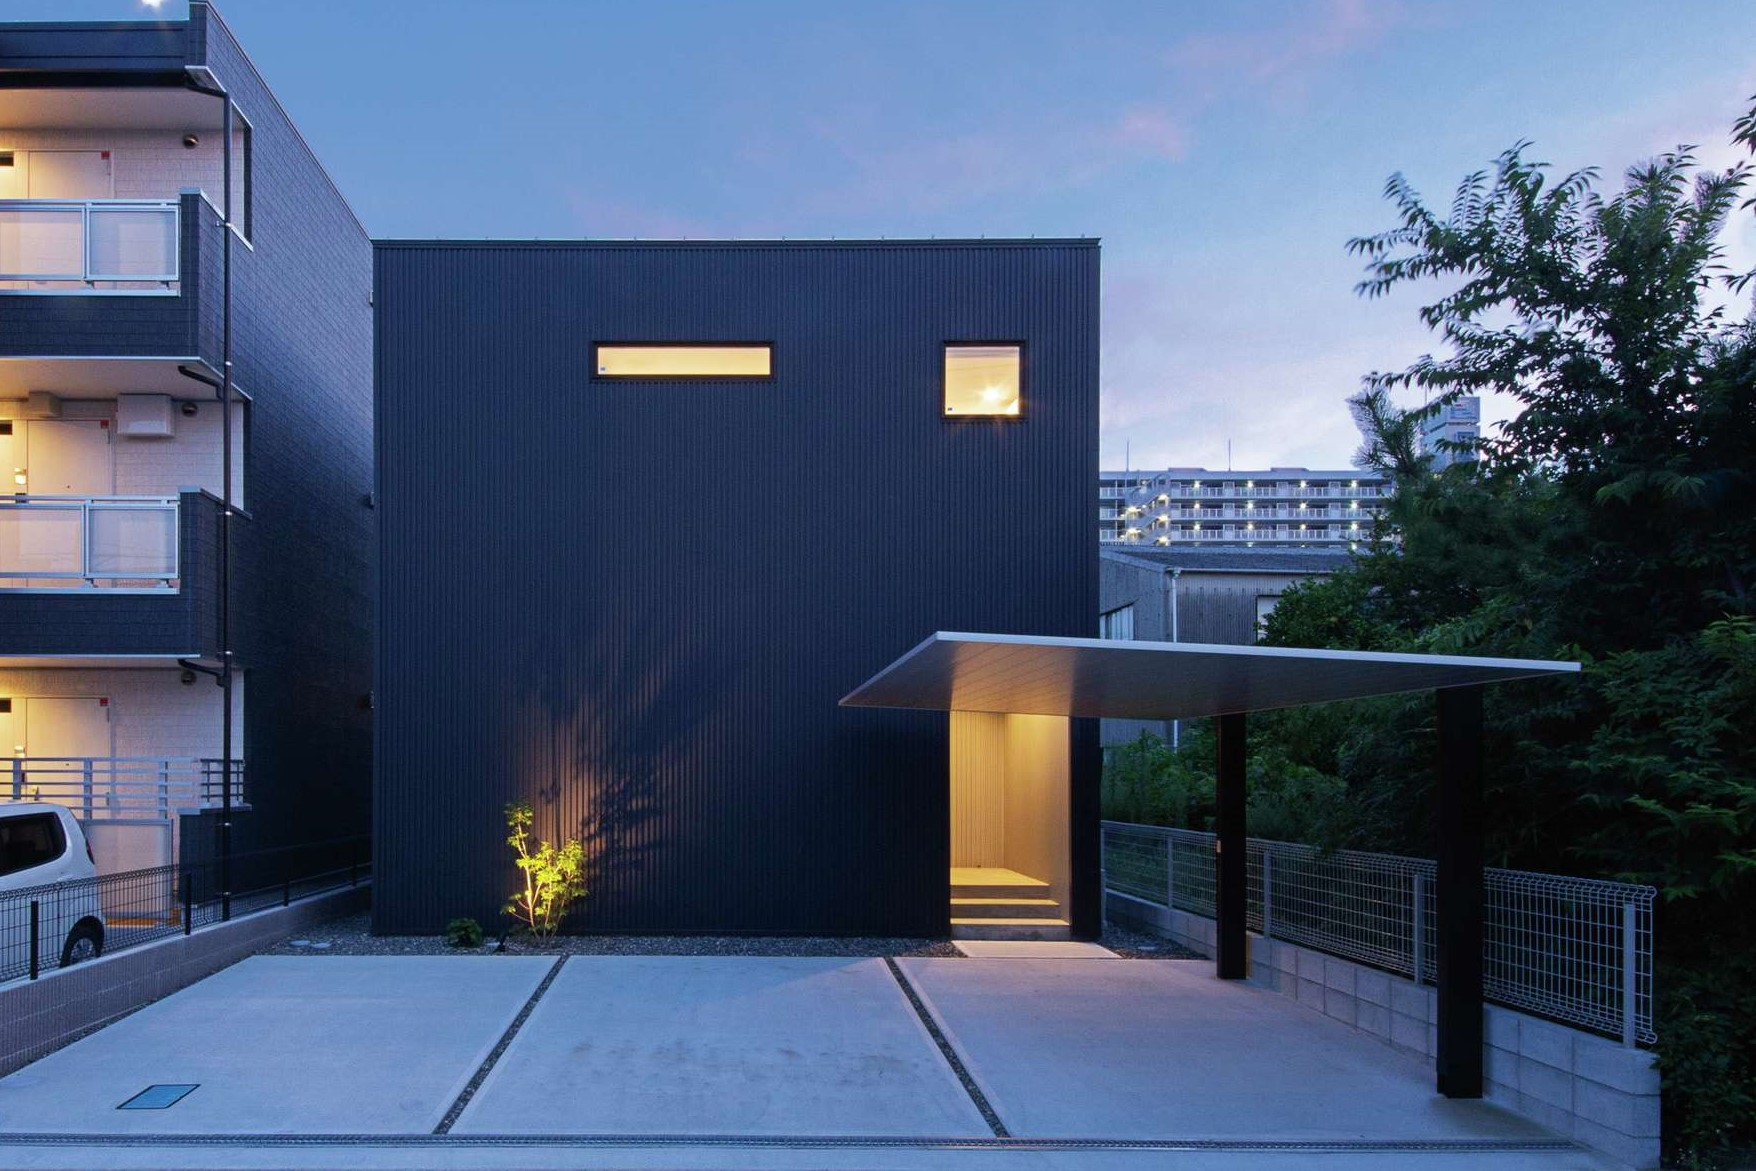 インフィルプラス【デザイン住宅、収納力、間取り】モデルハウスの「MONO-house」をベースにデザインした箱型の外観。道路側の開口部は最低限にして、市街地でありながら十分にプライバシーを確保。ガルバリウム鋼板の外壁に灯りが豊かな表情をもたらしている